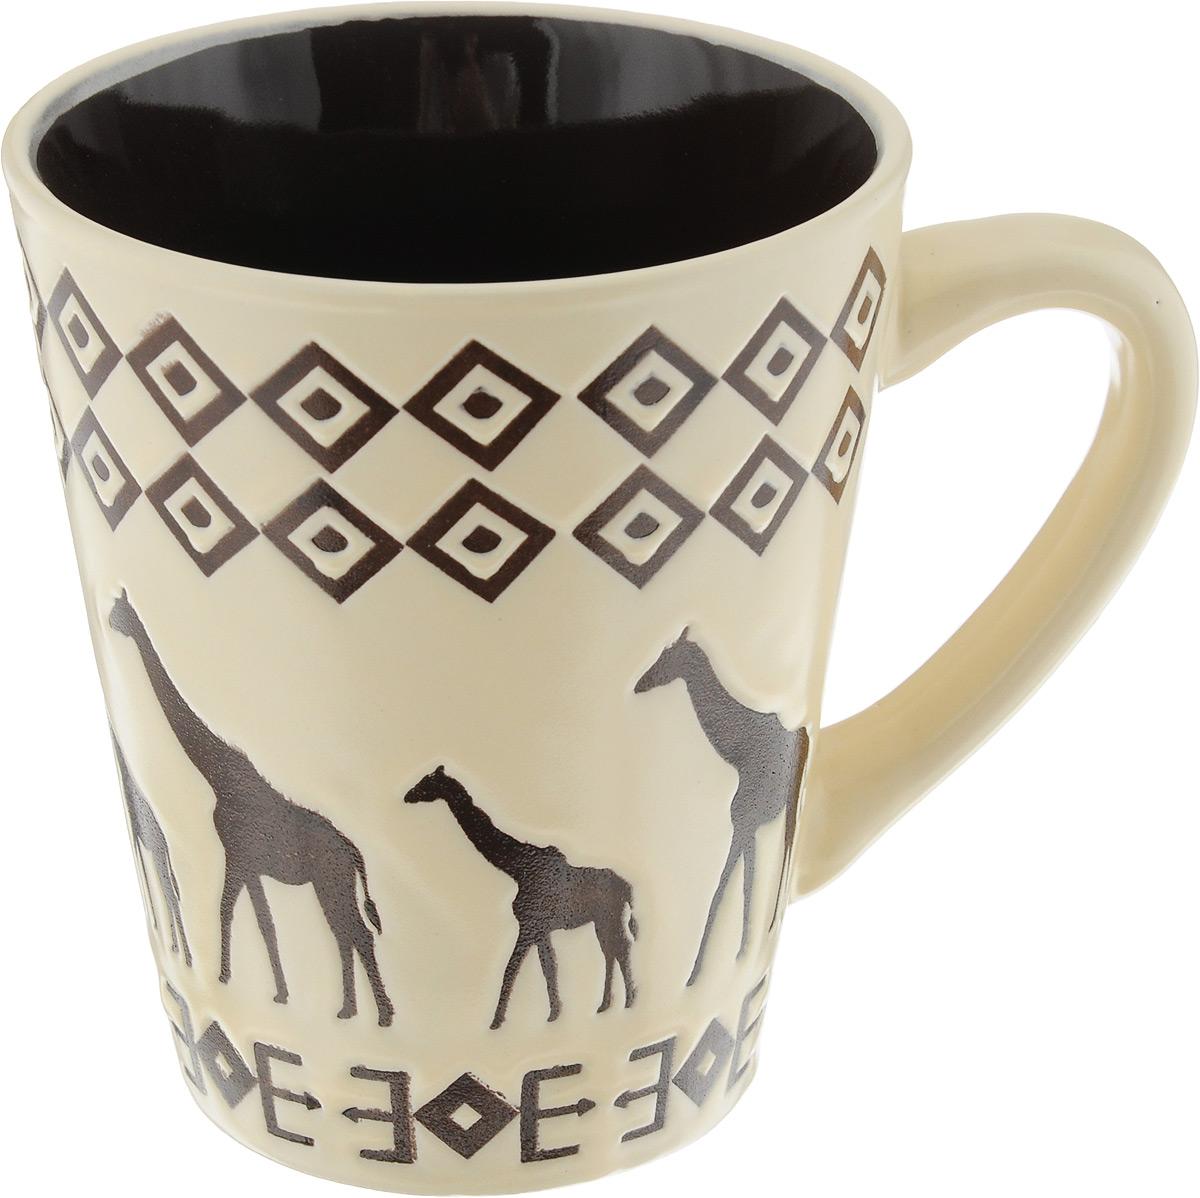 Кружка HomeStar Сафари, цвет: молочный, темно-коричневый, 355 млLJ13-3329-0128_молочныйКружка HomeStar Сафари выполнена из высококачественной керамики с глазурованным покрытием. Внешние стенки дополнены этническим принтом. Такая кружка отлично дополнит сервировку стола к чаепитию и станет отличным приобретением для кухни. Можно использовать в микроволновой печи и посудомоечной машине. Диаметр (по верхнему краю): 9 см. Высота кружки: 10,5 см.